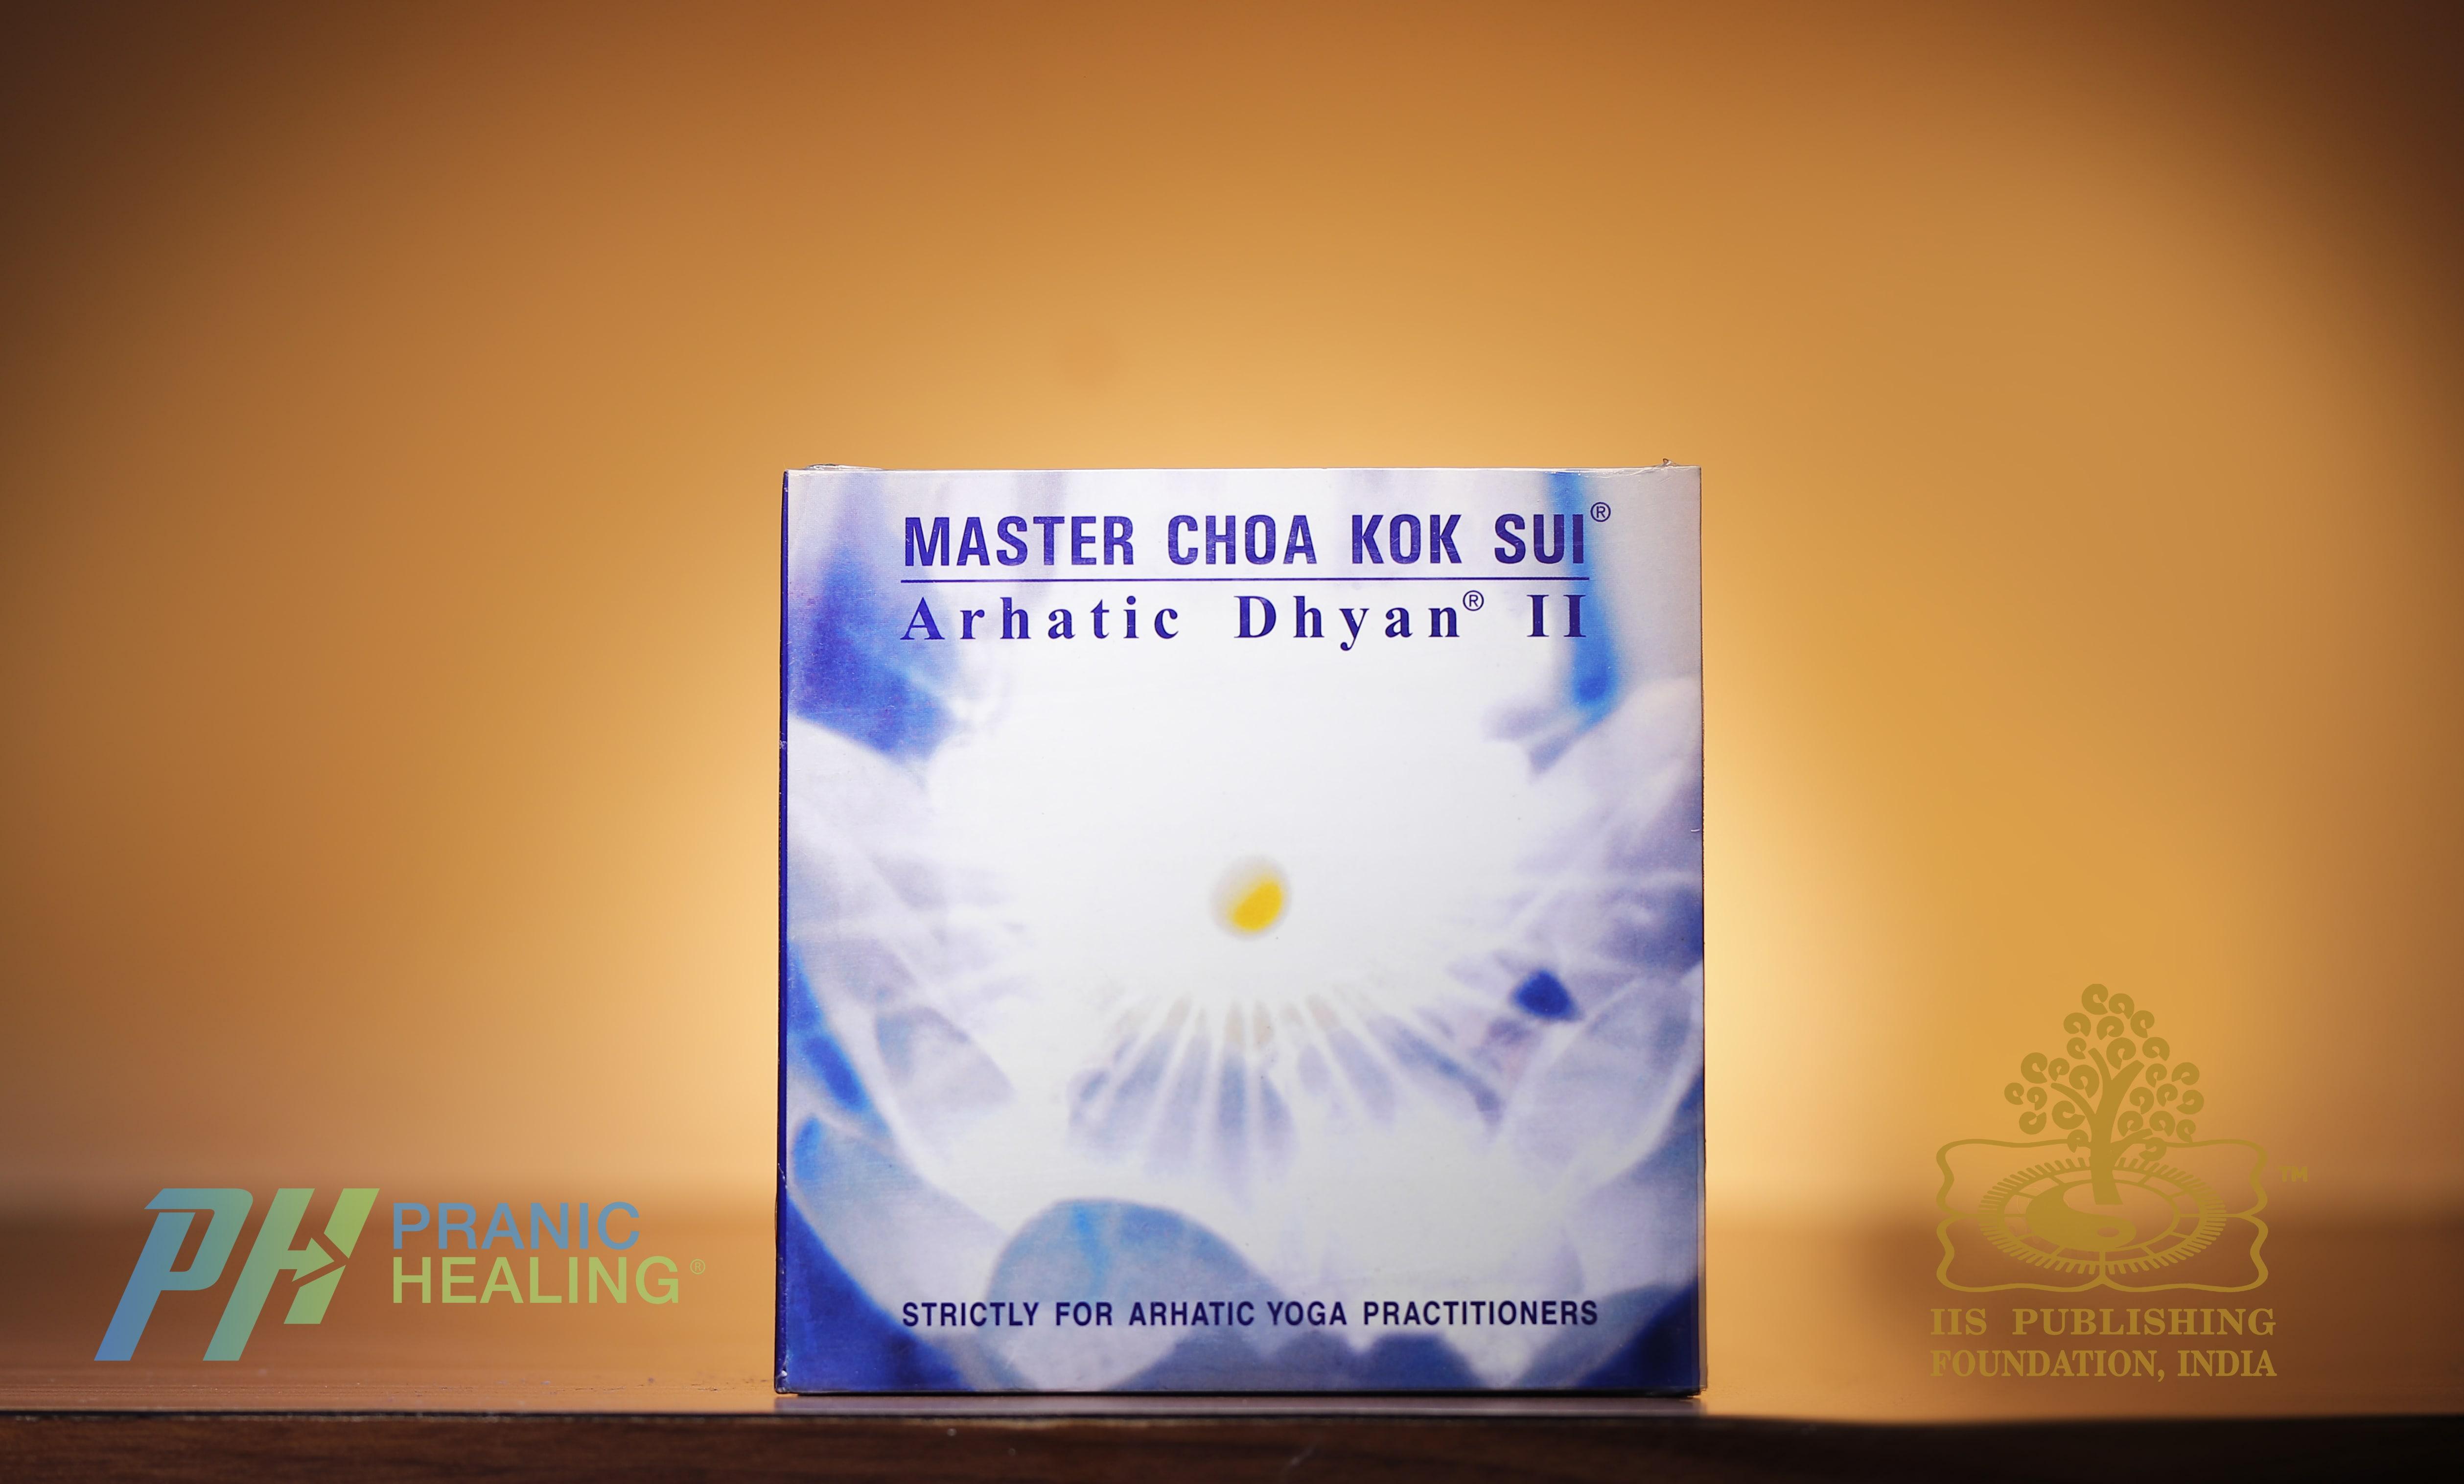 https://shop.pranichealingmumbai.com/products/arhatic-dhyan-ii-cd